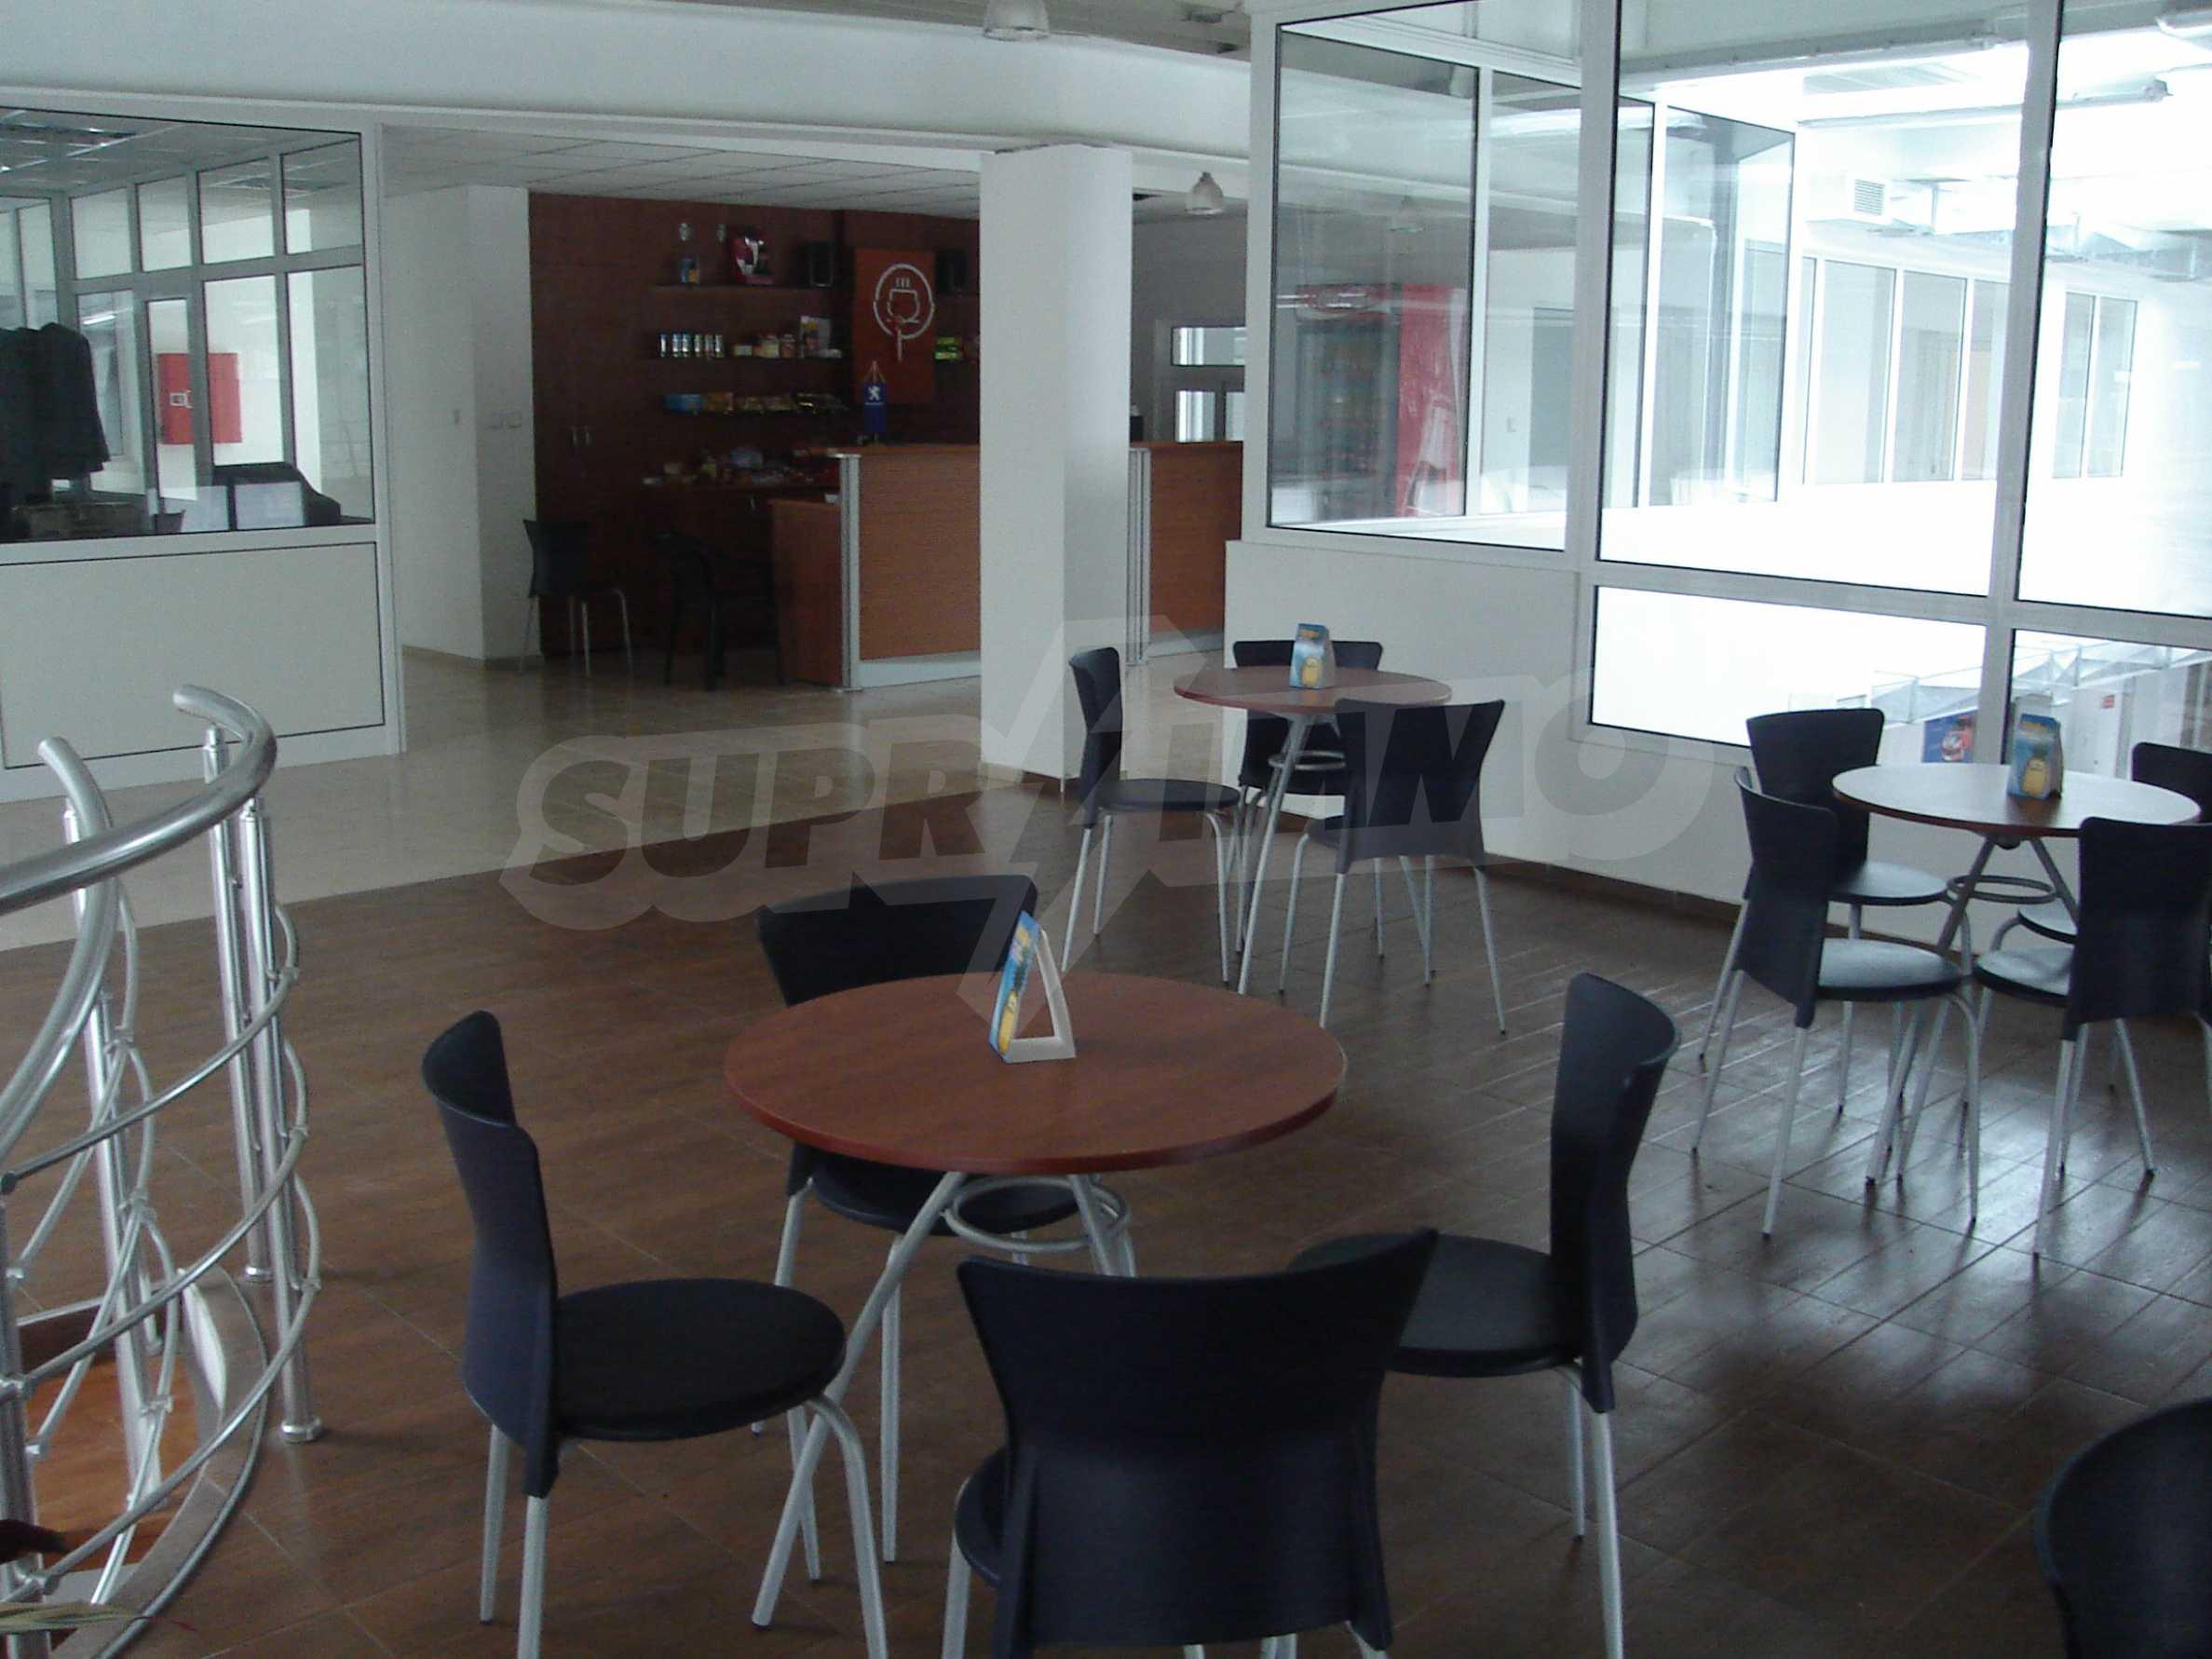 Gewerbe- und Dienstleistungskomplex im Stadtteil Mladost 6